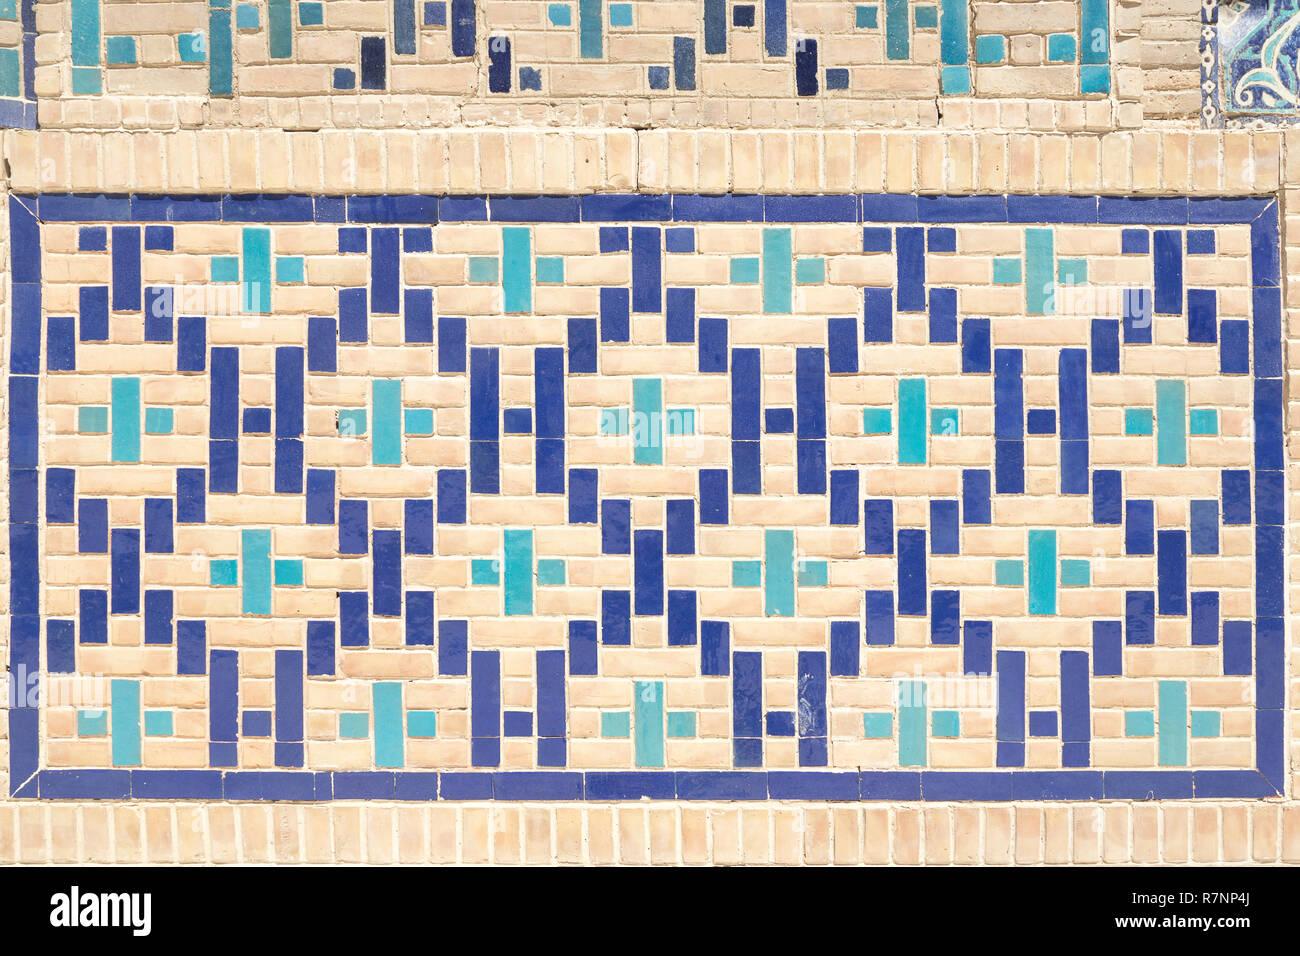 Nahaufnahme Muster Der Ostlichen Arabisch Keramik Mosaik Fliesen